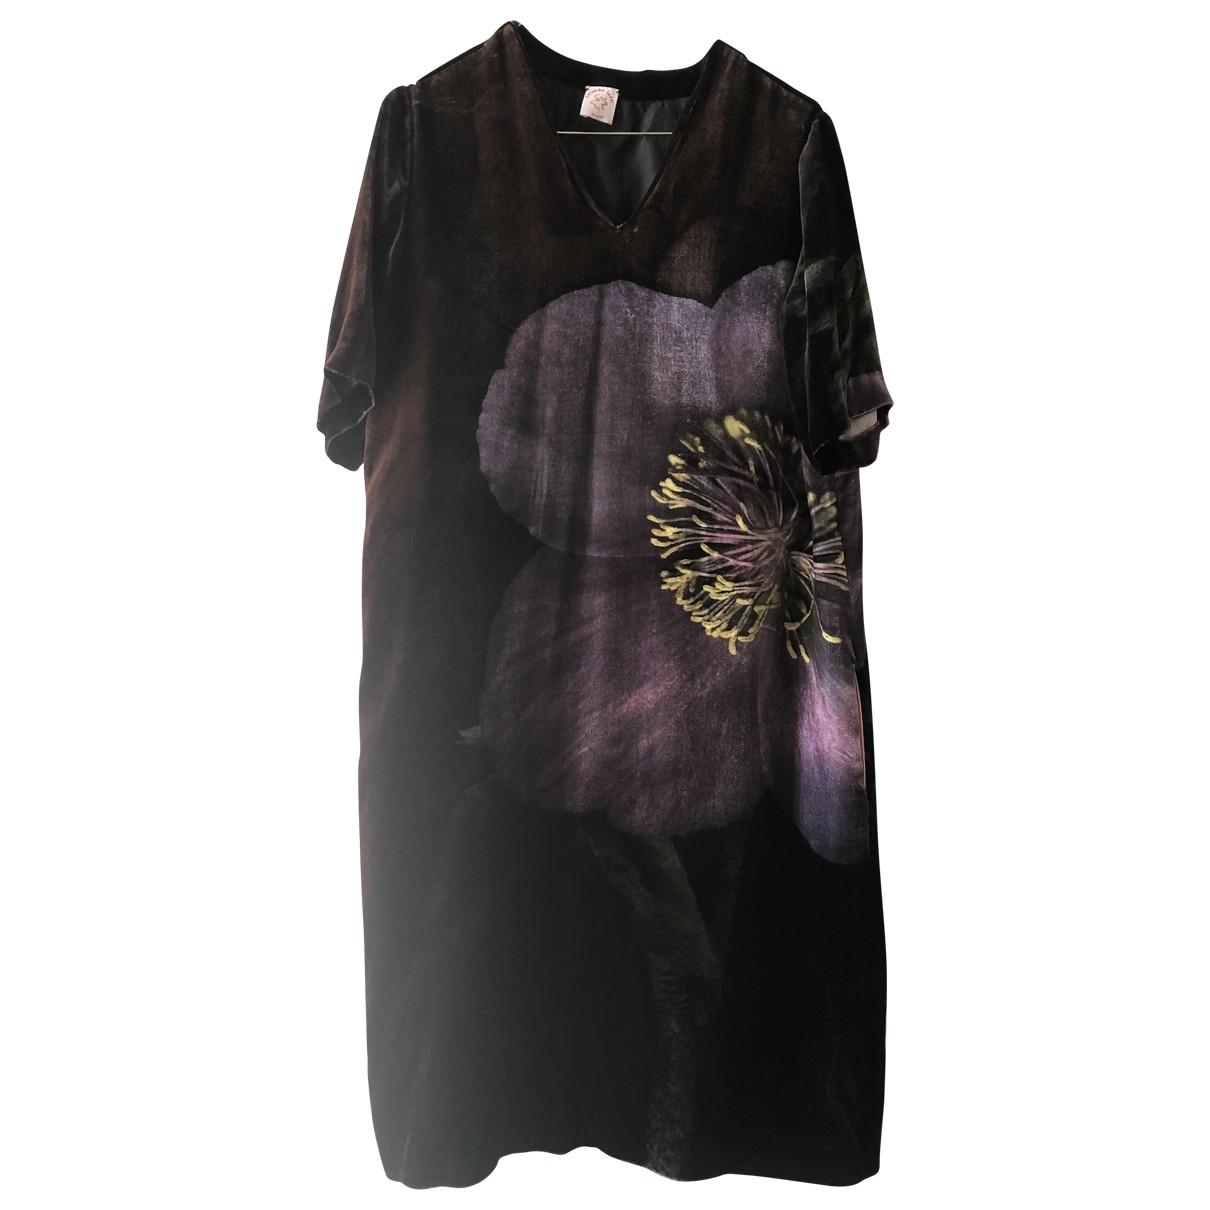 Colomba Leddi \N Burgundy Velvet dress for Women 42 IT